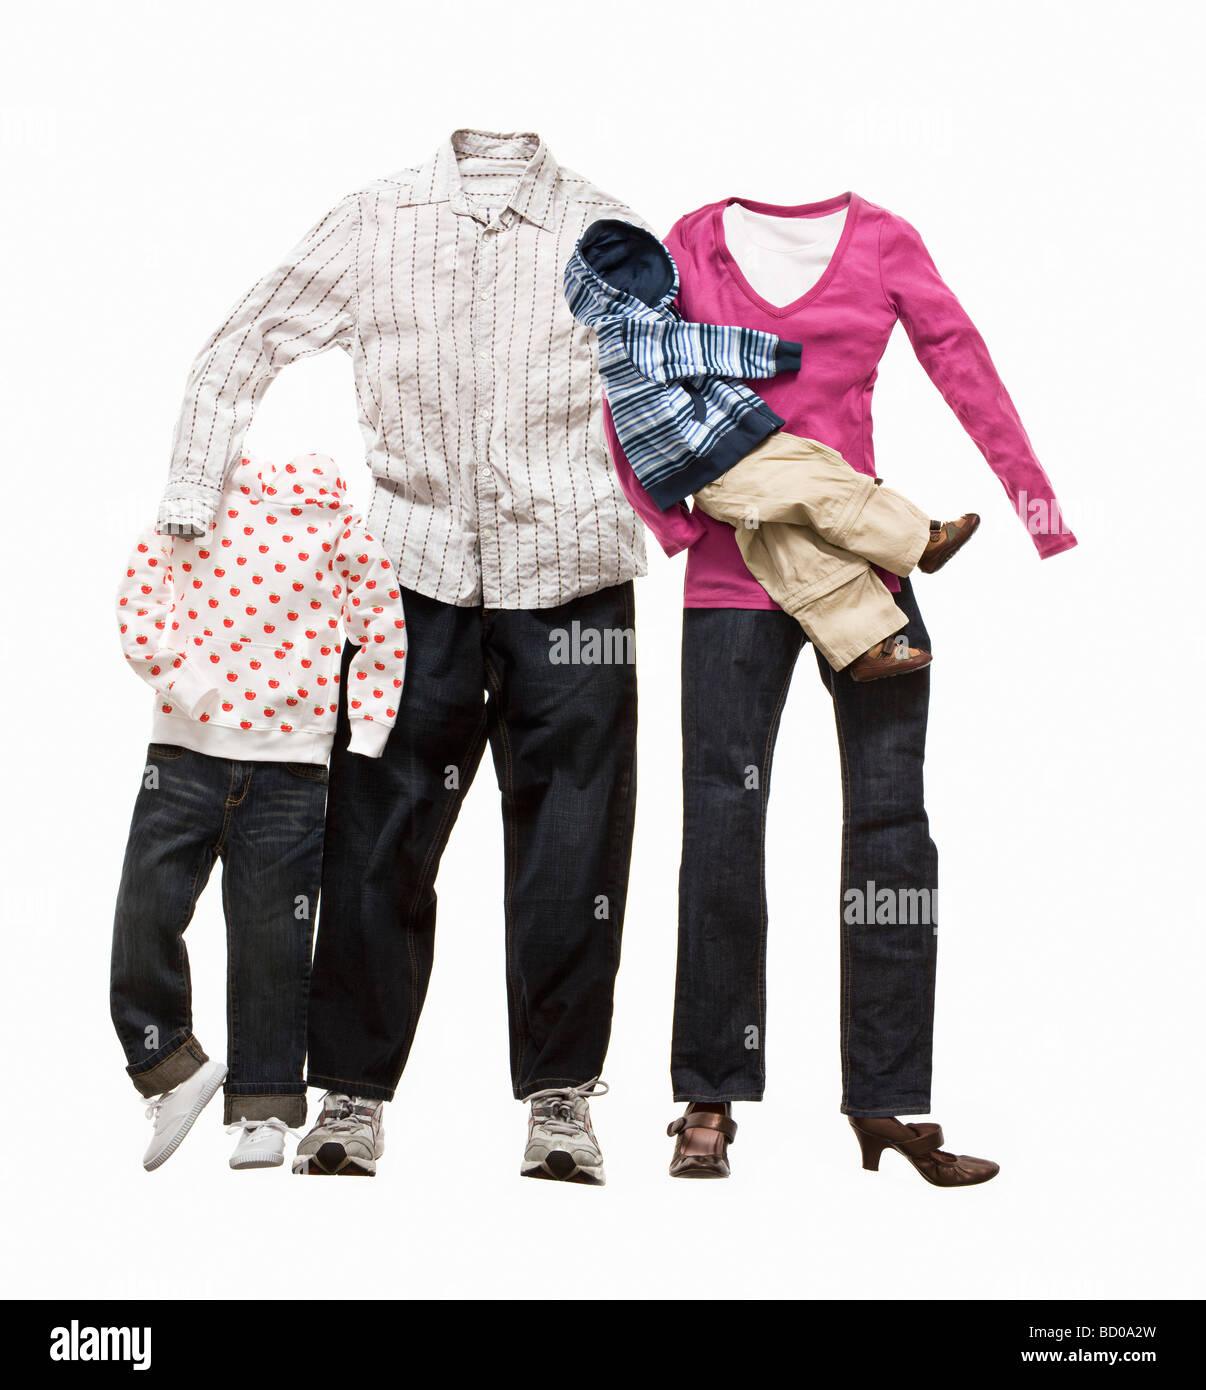 Una famiglia di fatto da capi di abbigliamento Immagini Stock